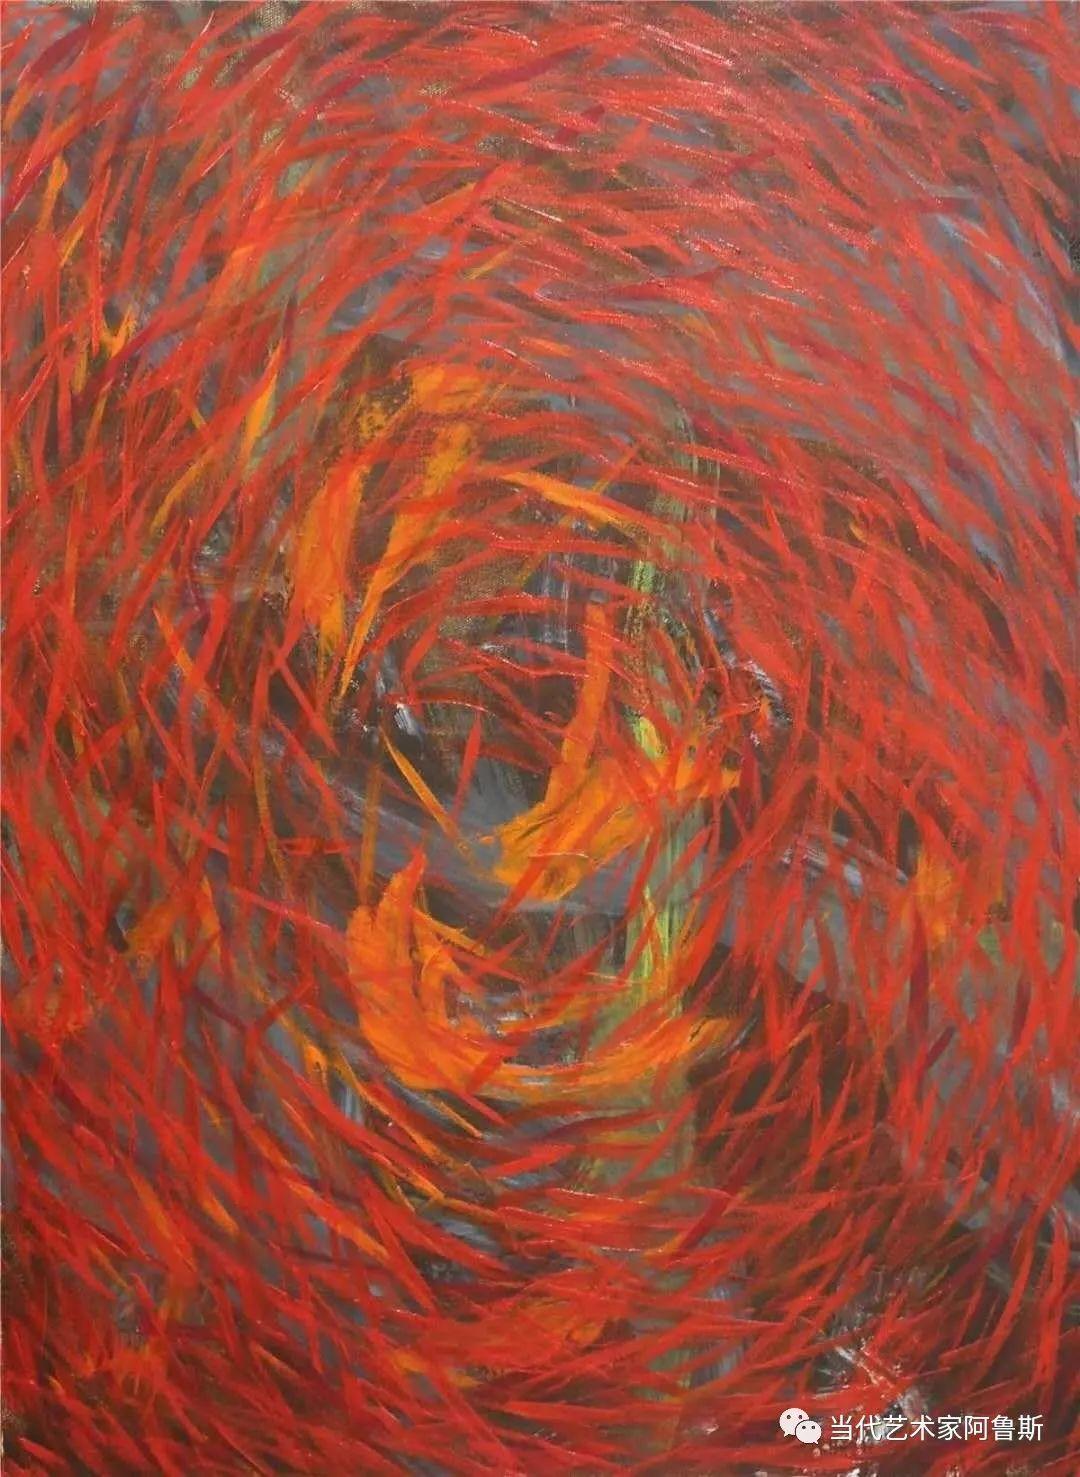 《艺术世界本期专访》蒙古族著名画家莫尼作品展 第14张